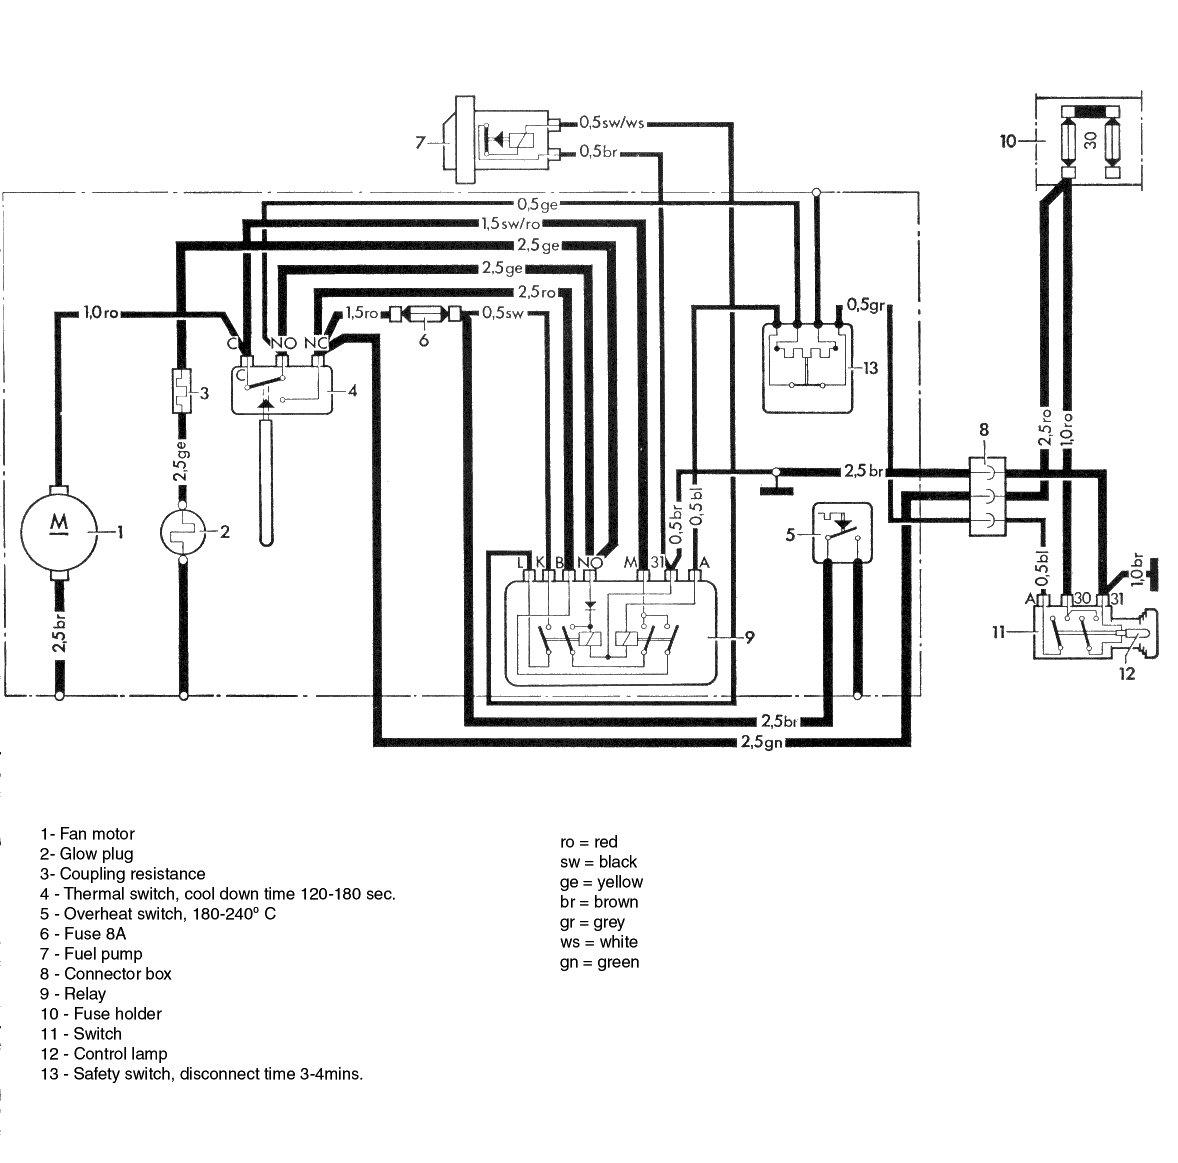 Eberspacher Diesel Heater Wiring Diagram from schematron.org